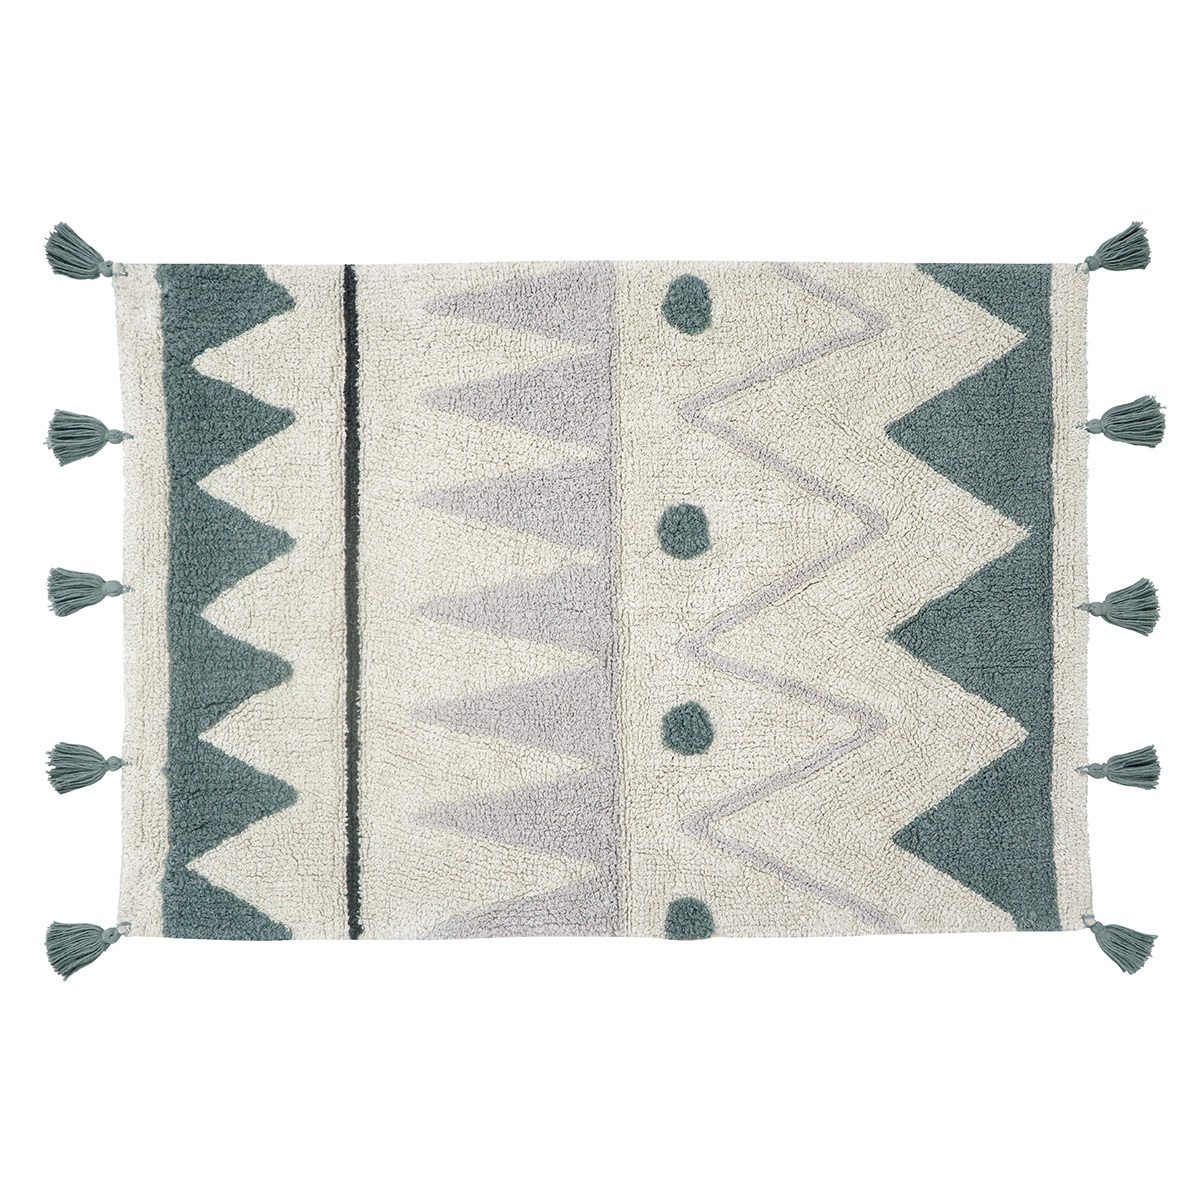 Tapis Tapis Lavable Mini Azteca - 70 x 100 cm Tapis Lavable Mini Azteca - 70 x 100 cm